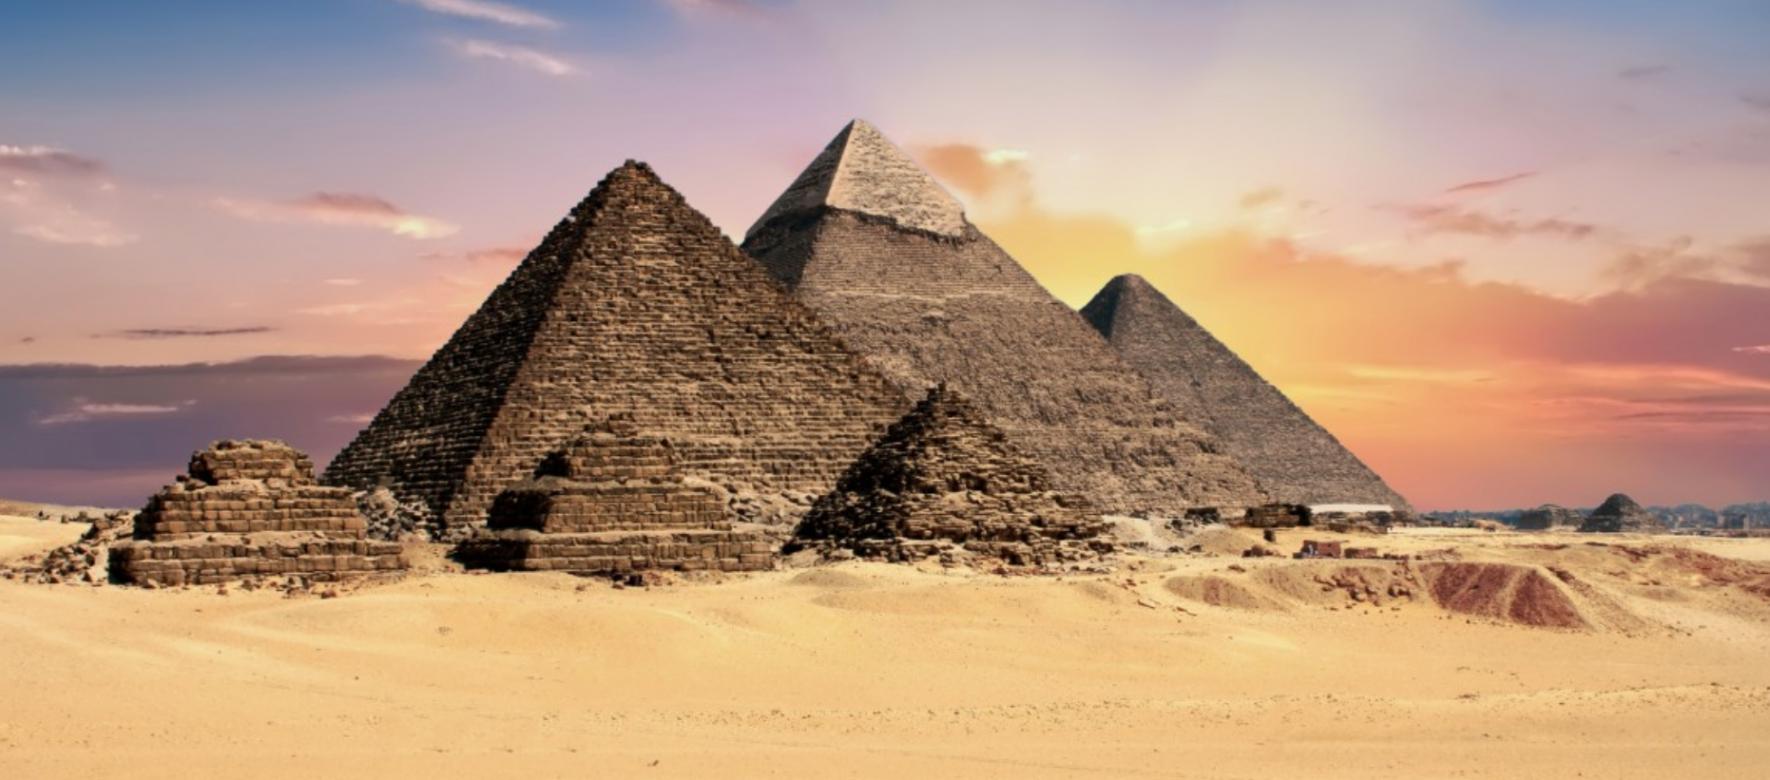 L'Egypte espère entre 6 et 7 milliards $ de revenus touristiques en 2021